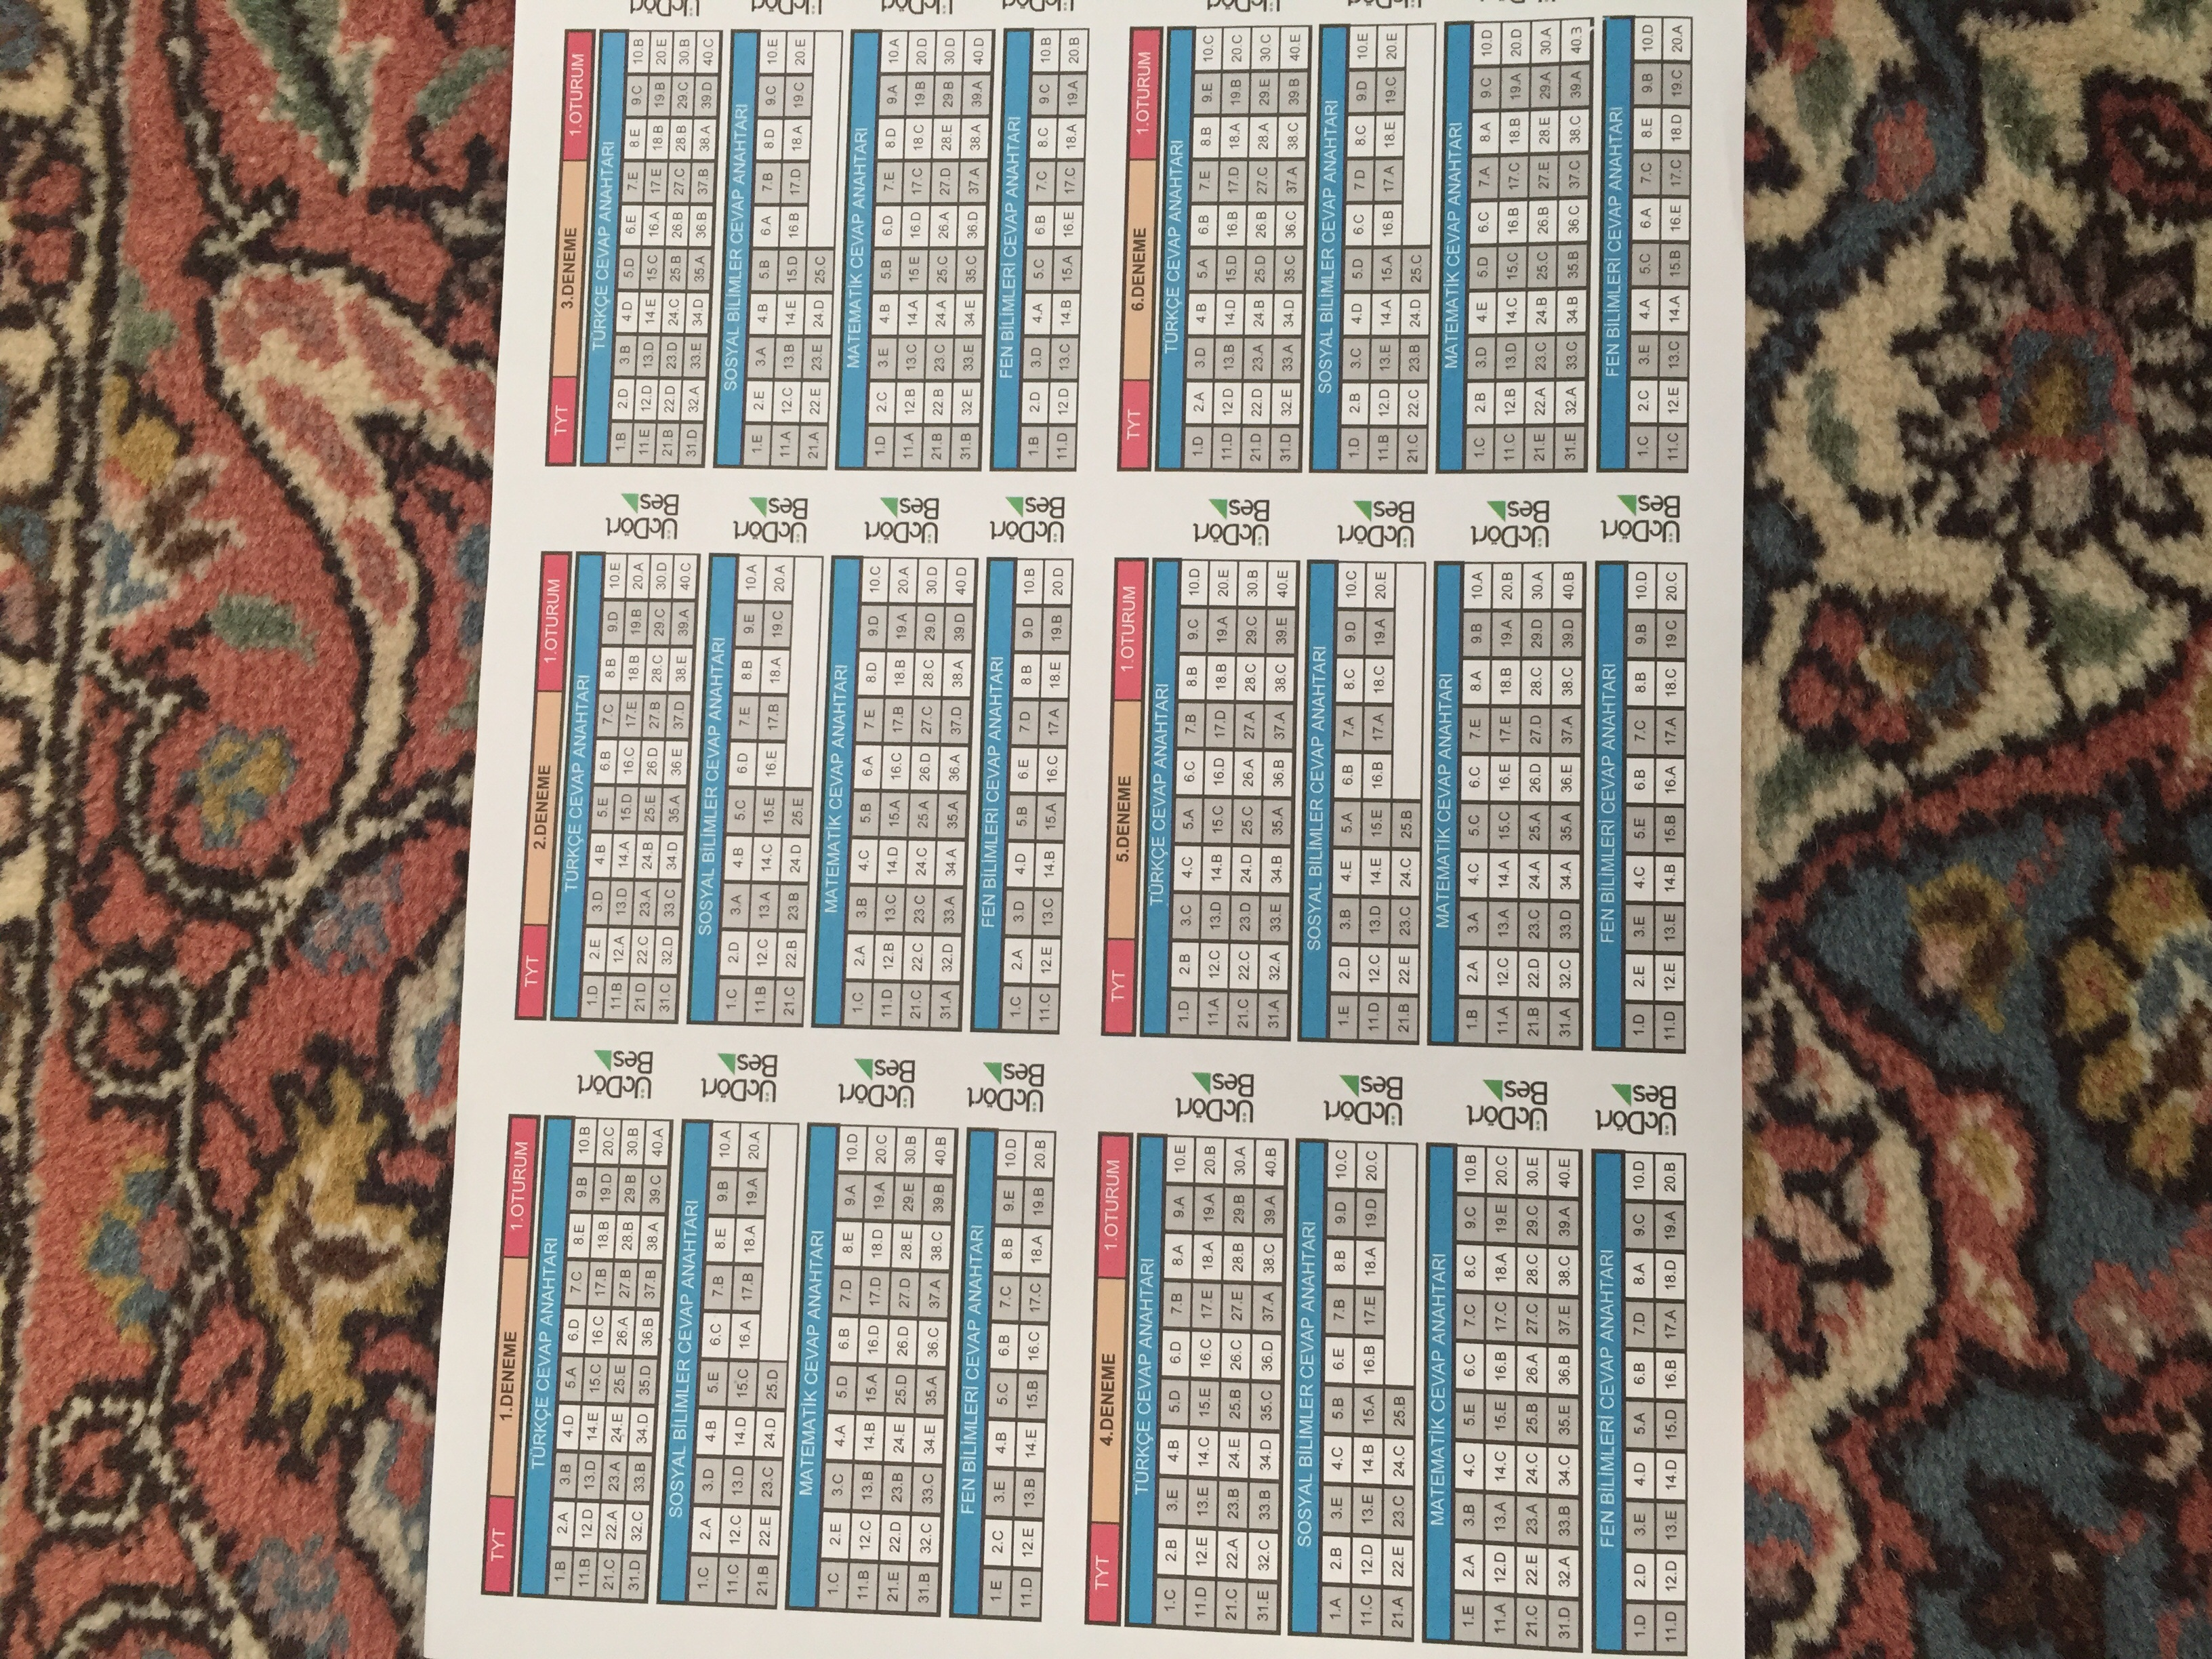 345 Tyt Denemeleri Cevap Anahtarı Sayfa 1 1